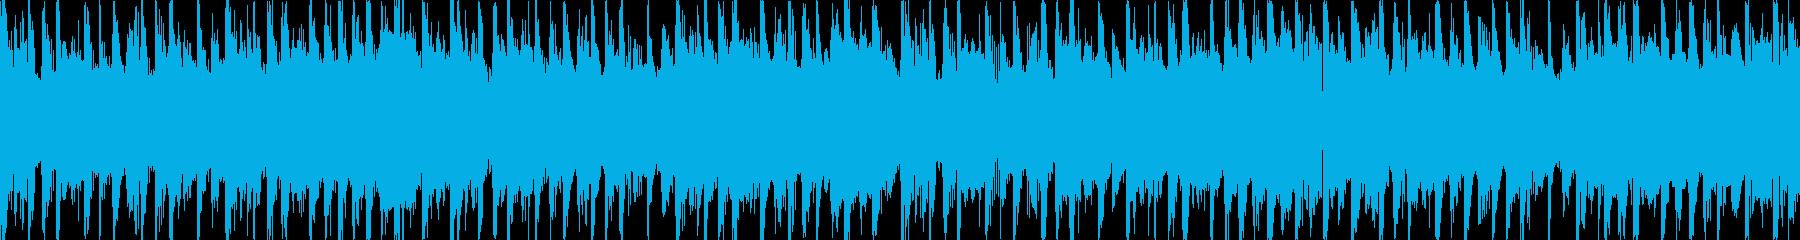 コミカル コメディ ほのぼの 和風ポップの再生済みの波形